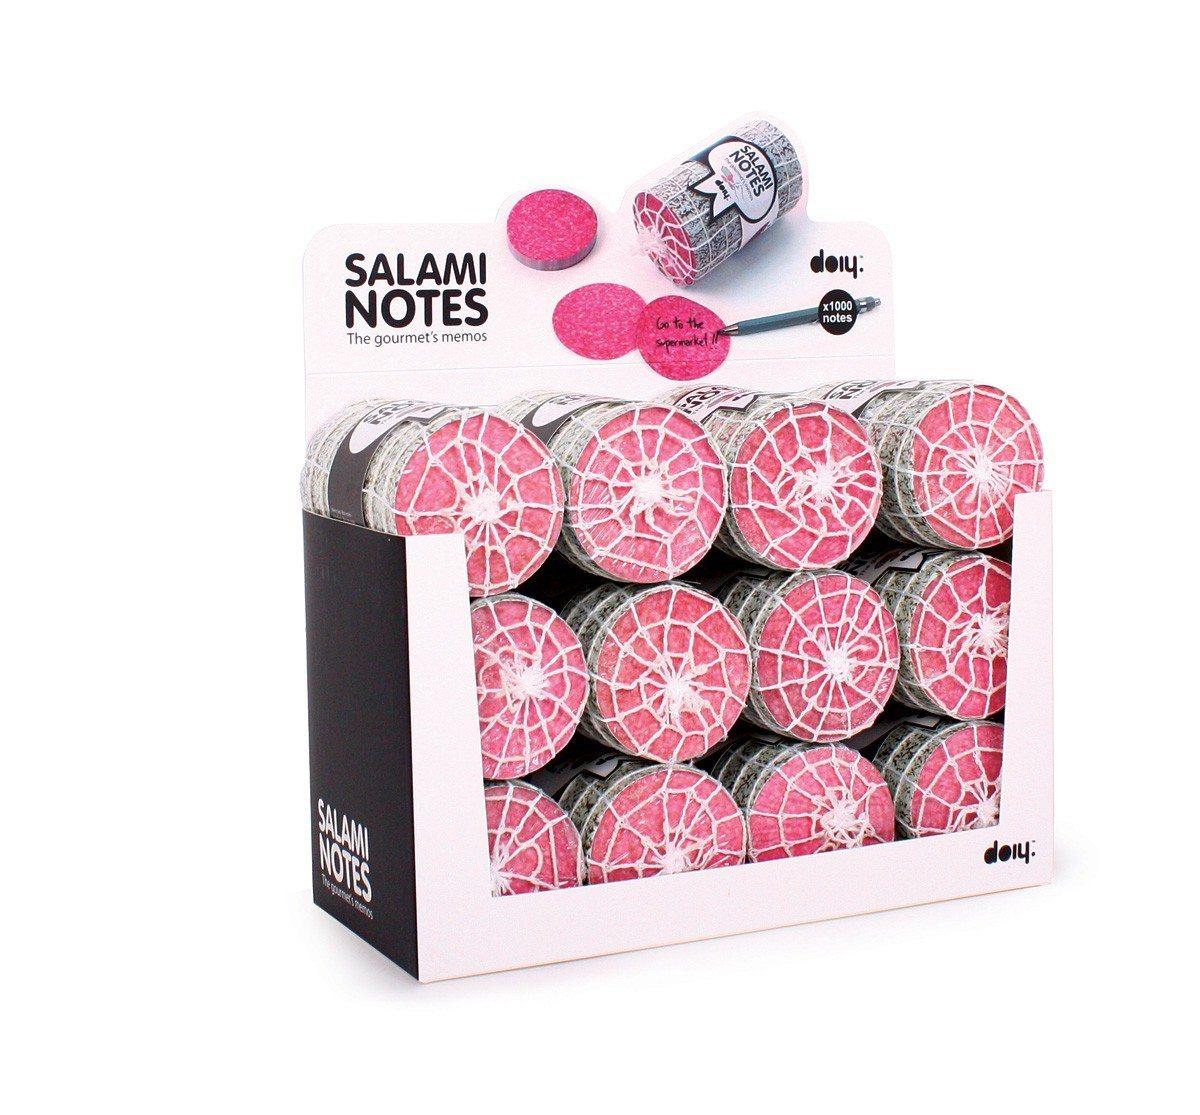 Salami-noter